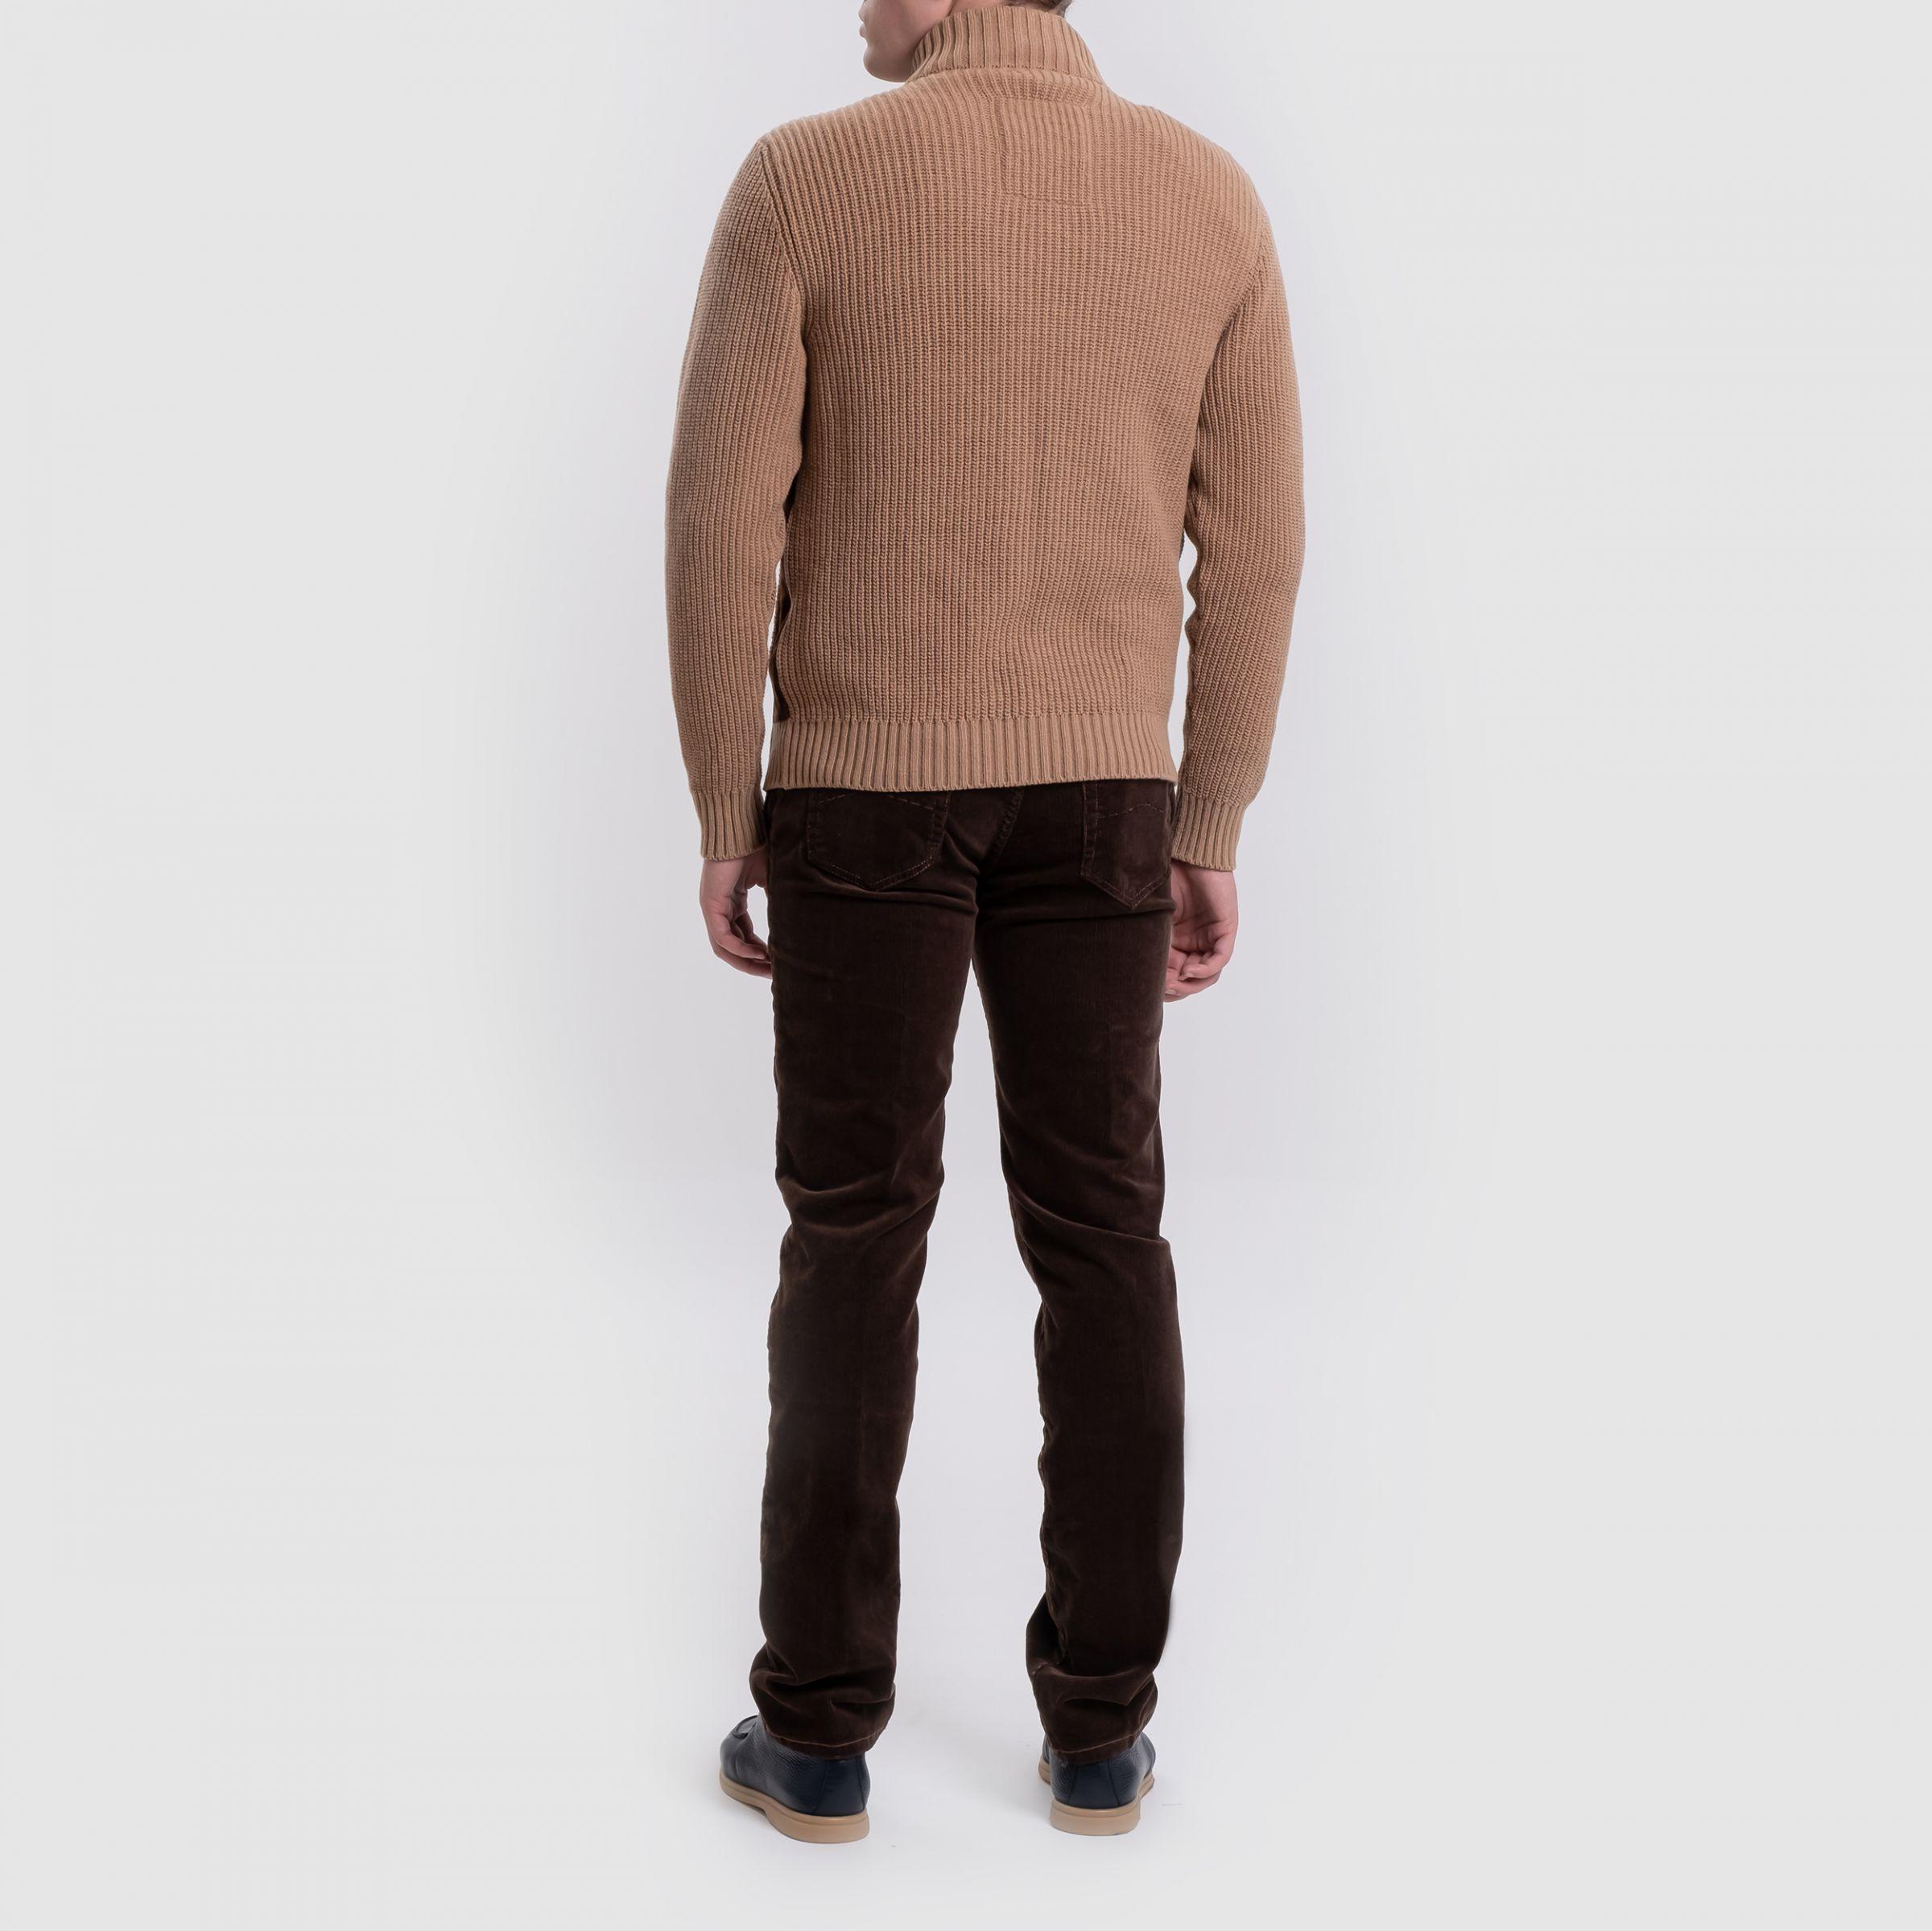 Кардиган Tombolini коричневый